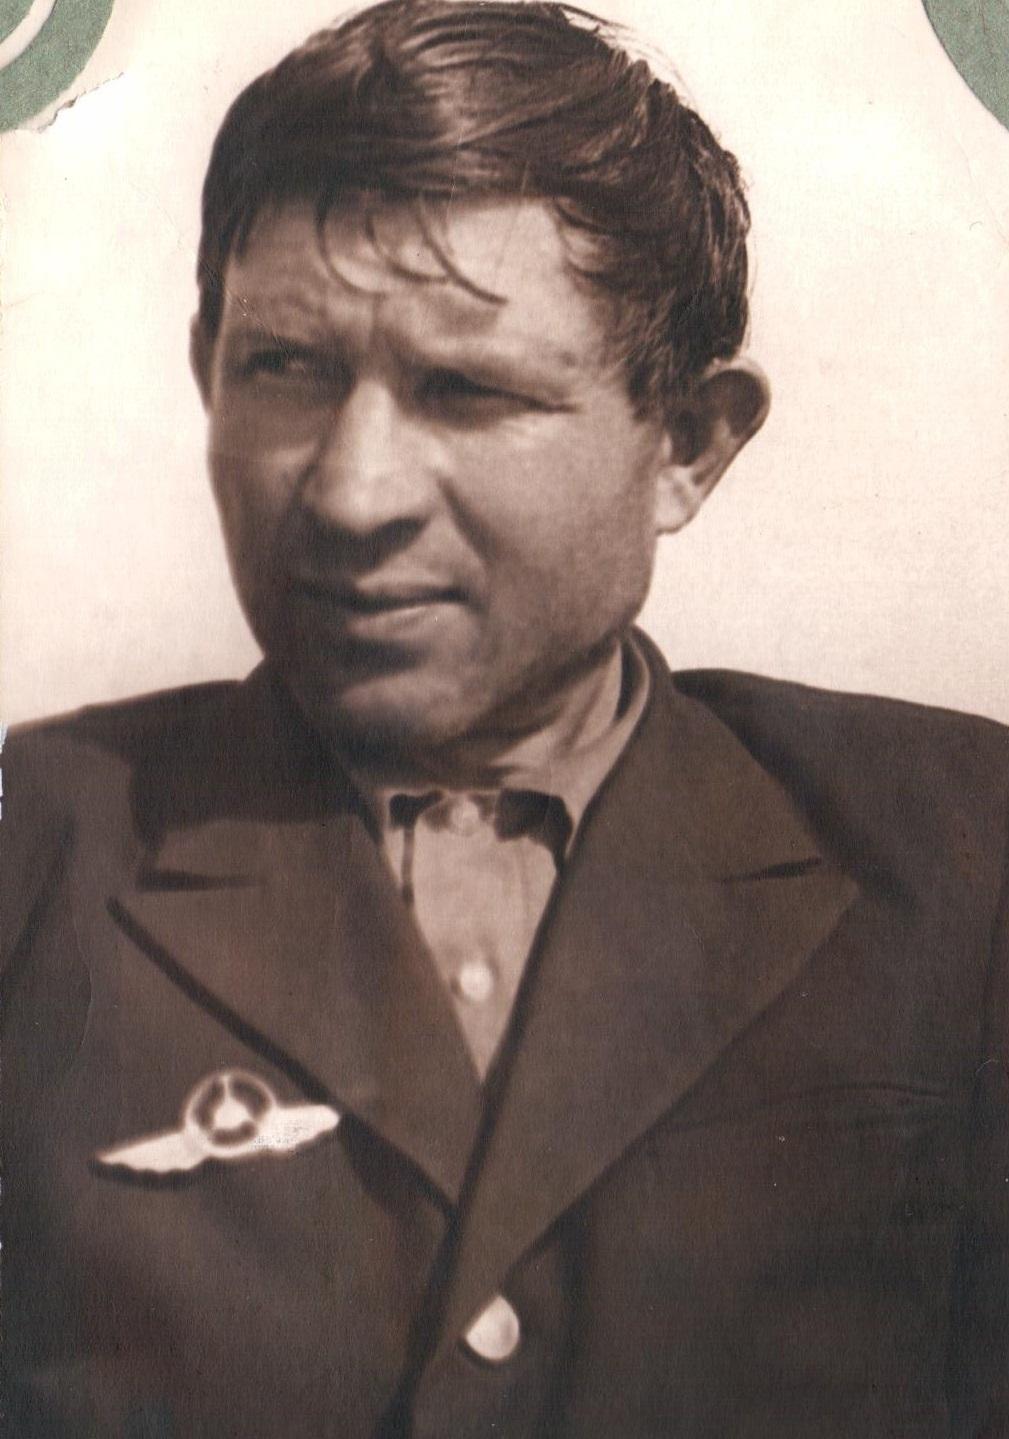 Пахомычев Сергей Иванович 06.09.29.-14.11.86.